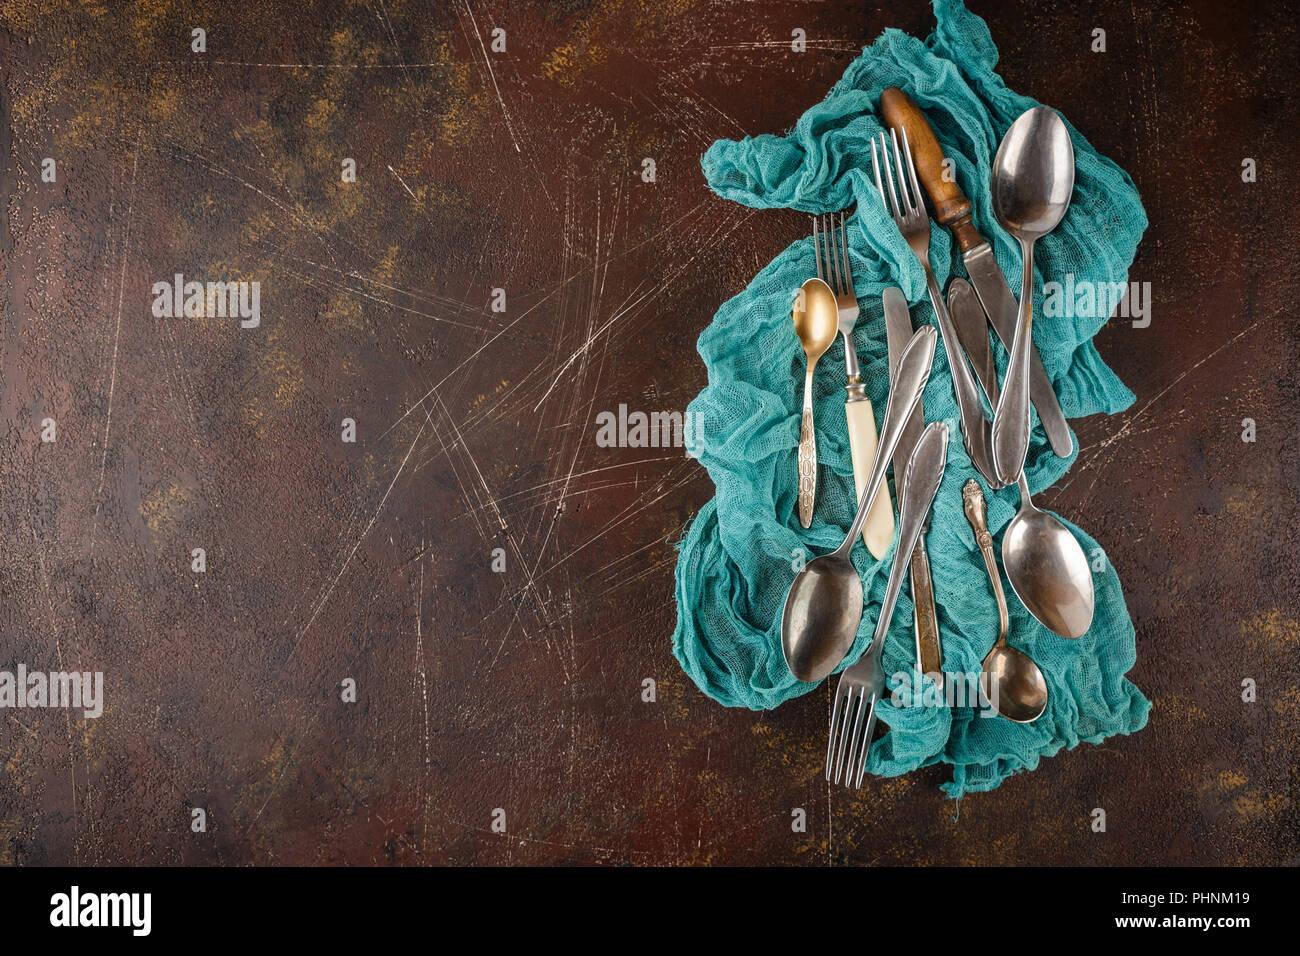 Kitchen utensils on dark background - Stock Image